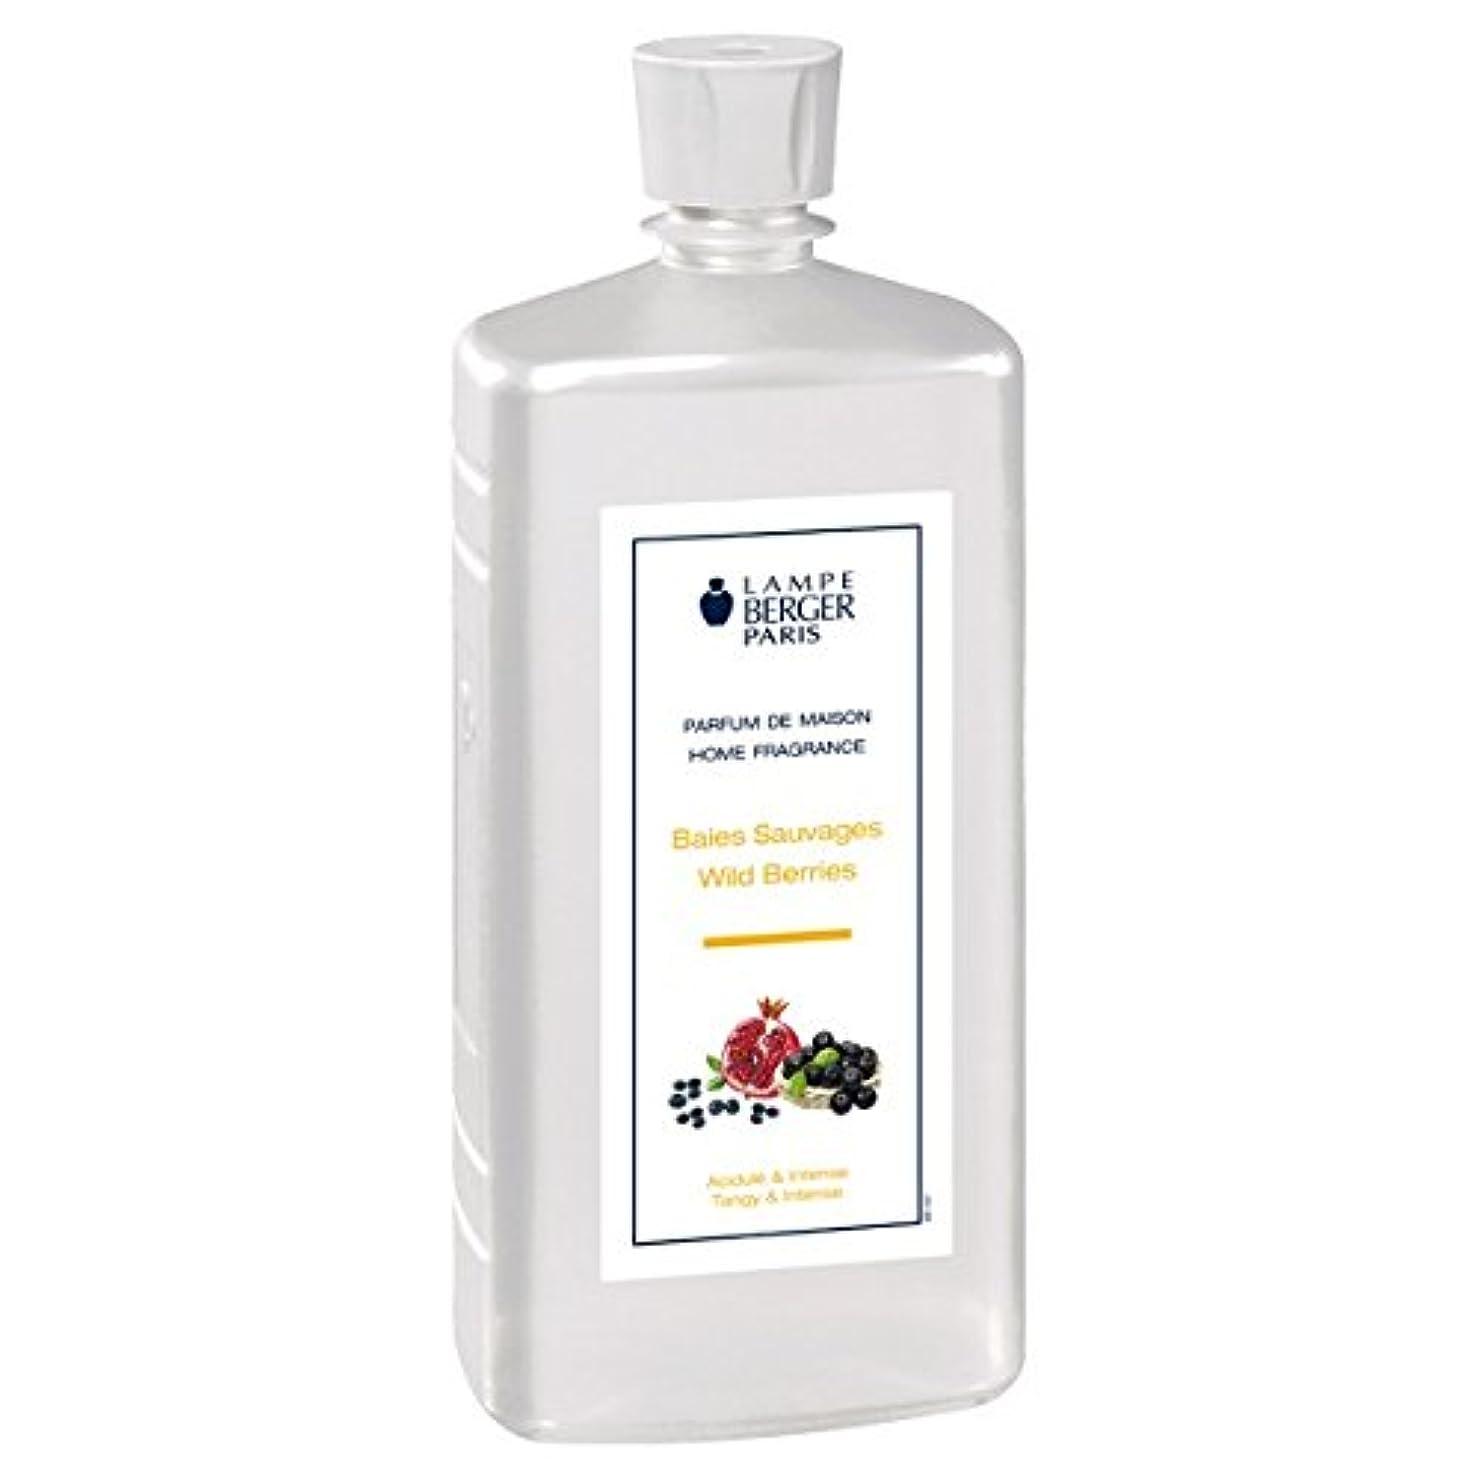 ランプベルジェパリ直輸入パフュームアロマオイル1Lワイルドベリーズの香り(甘いリキュールの香りがアクセントでラストのレッドドラゴンフルーツやムスクなどの優しいハーモニーの香り